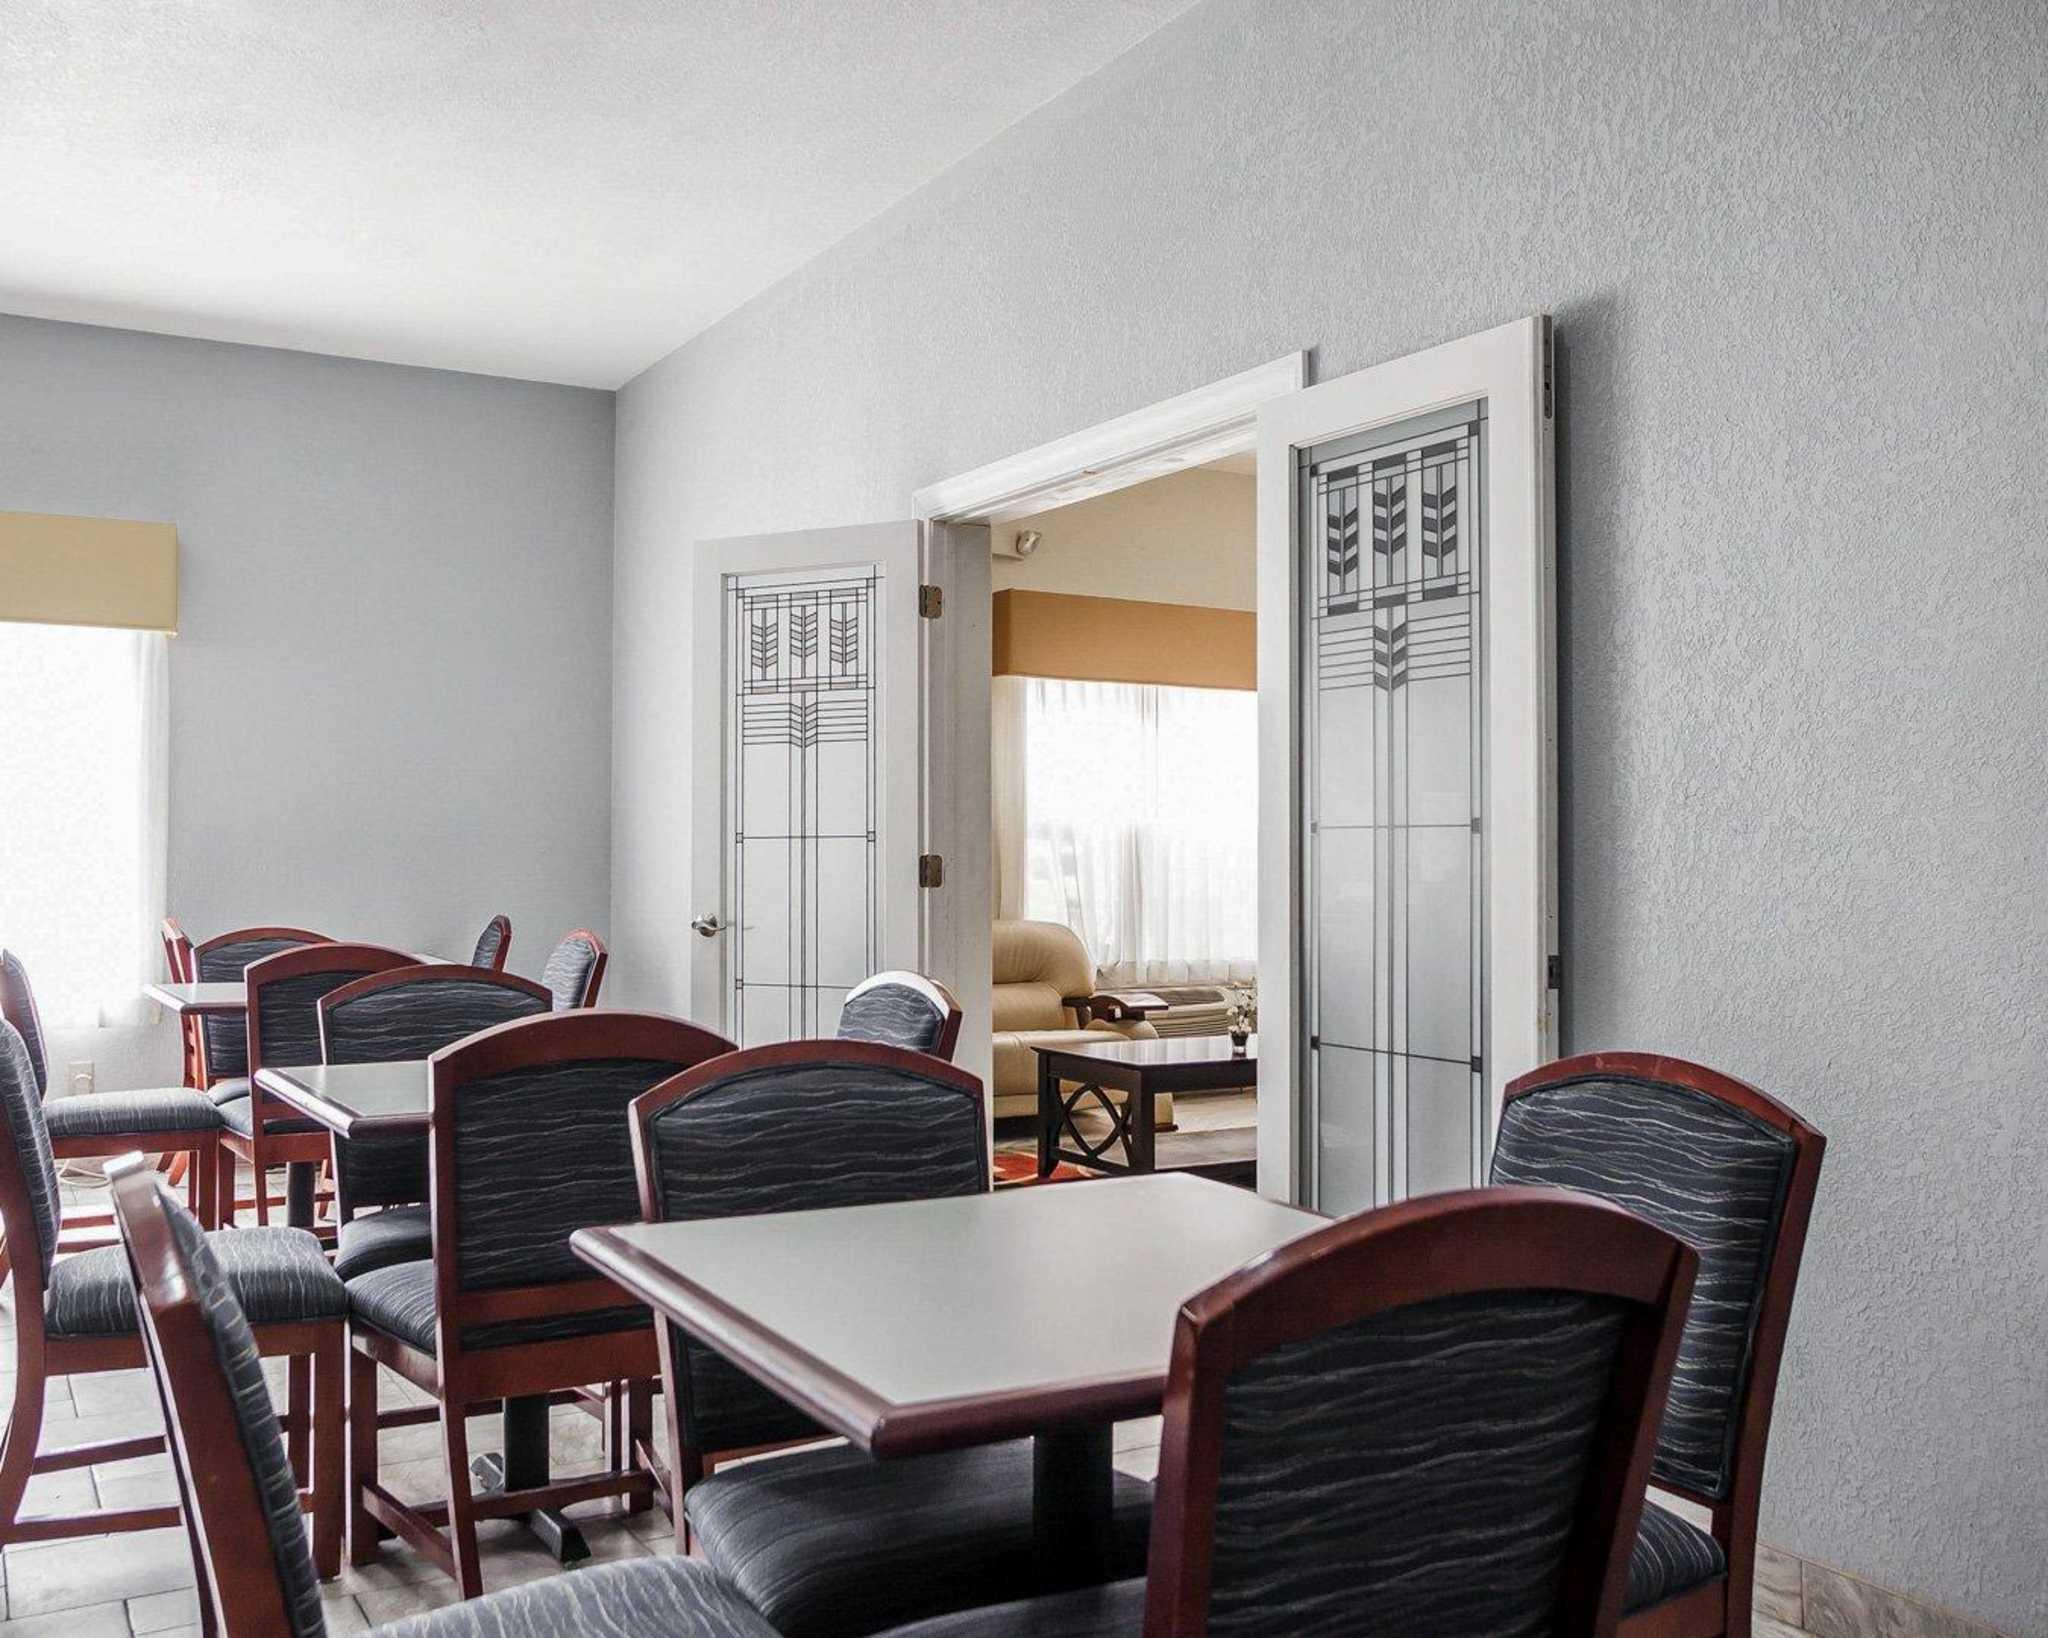 Quality Inn & Suites Altoona - Des Moines image 20